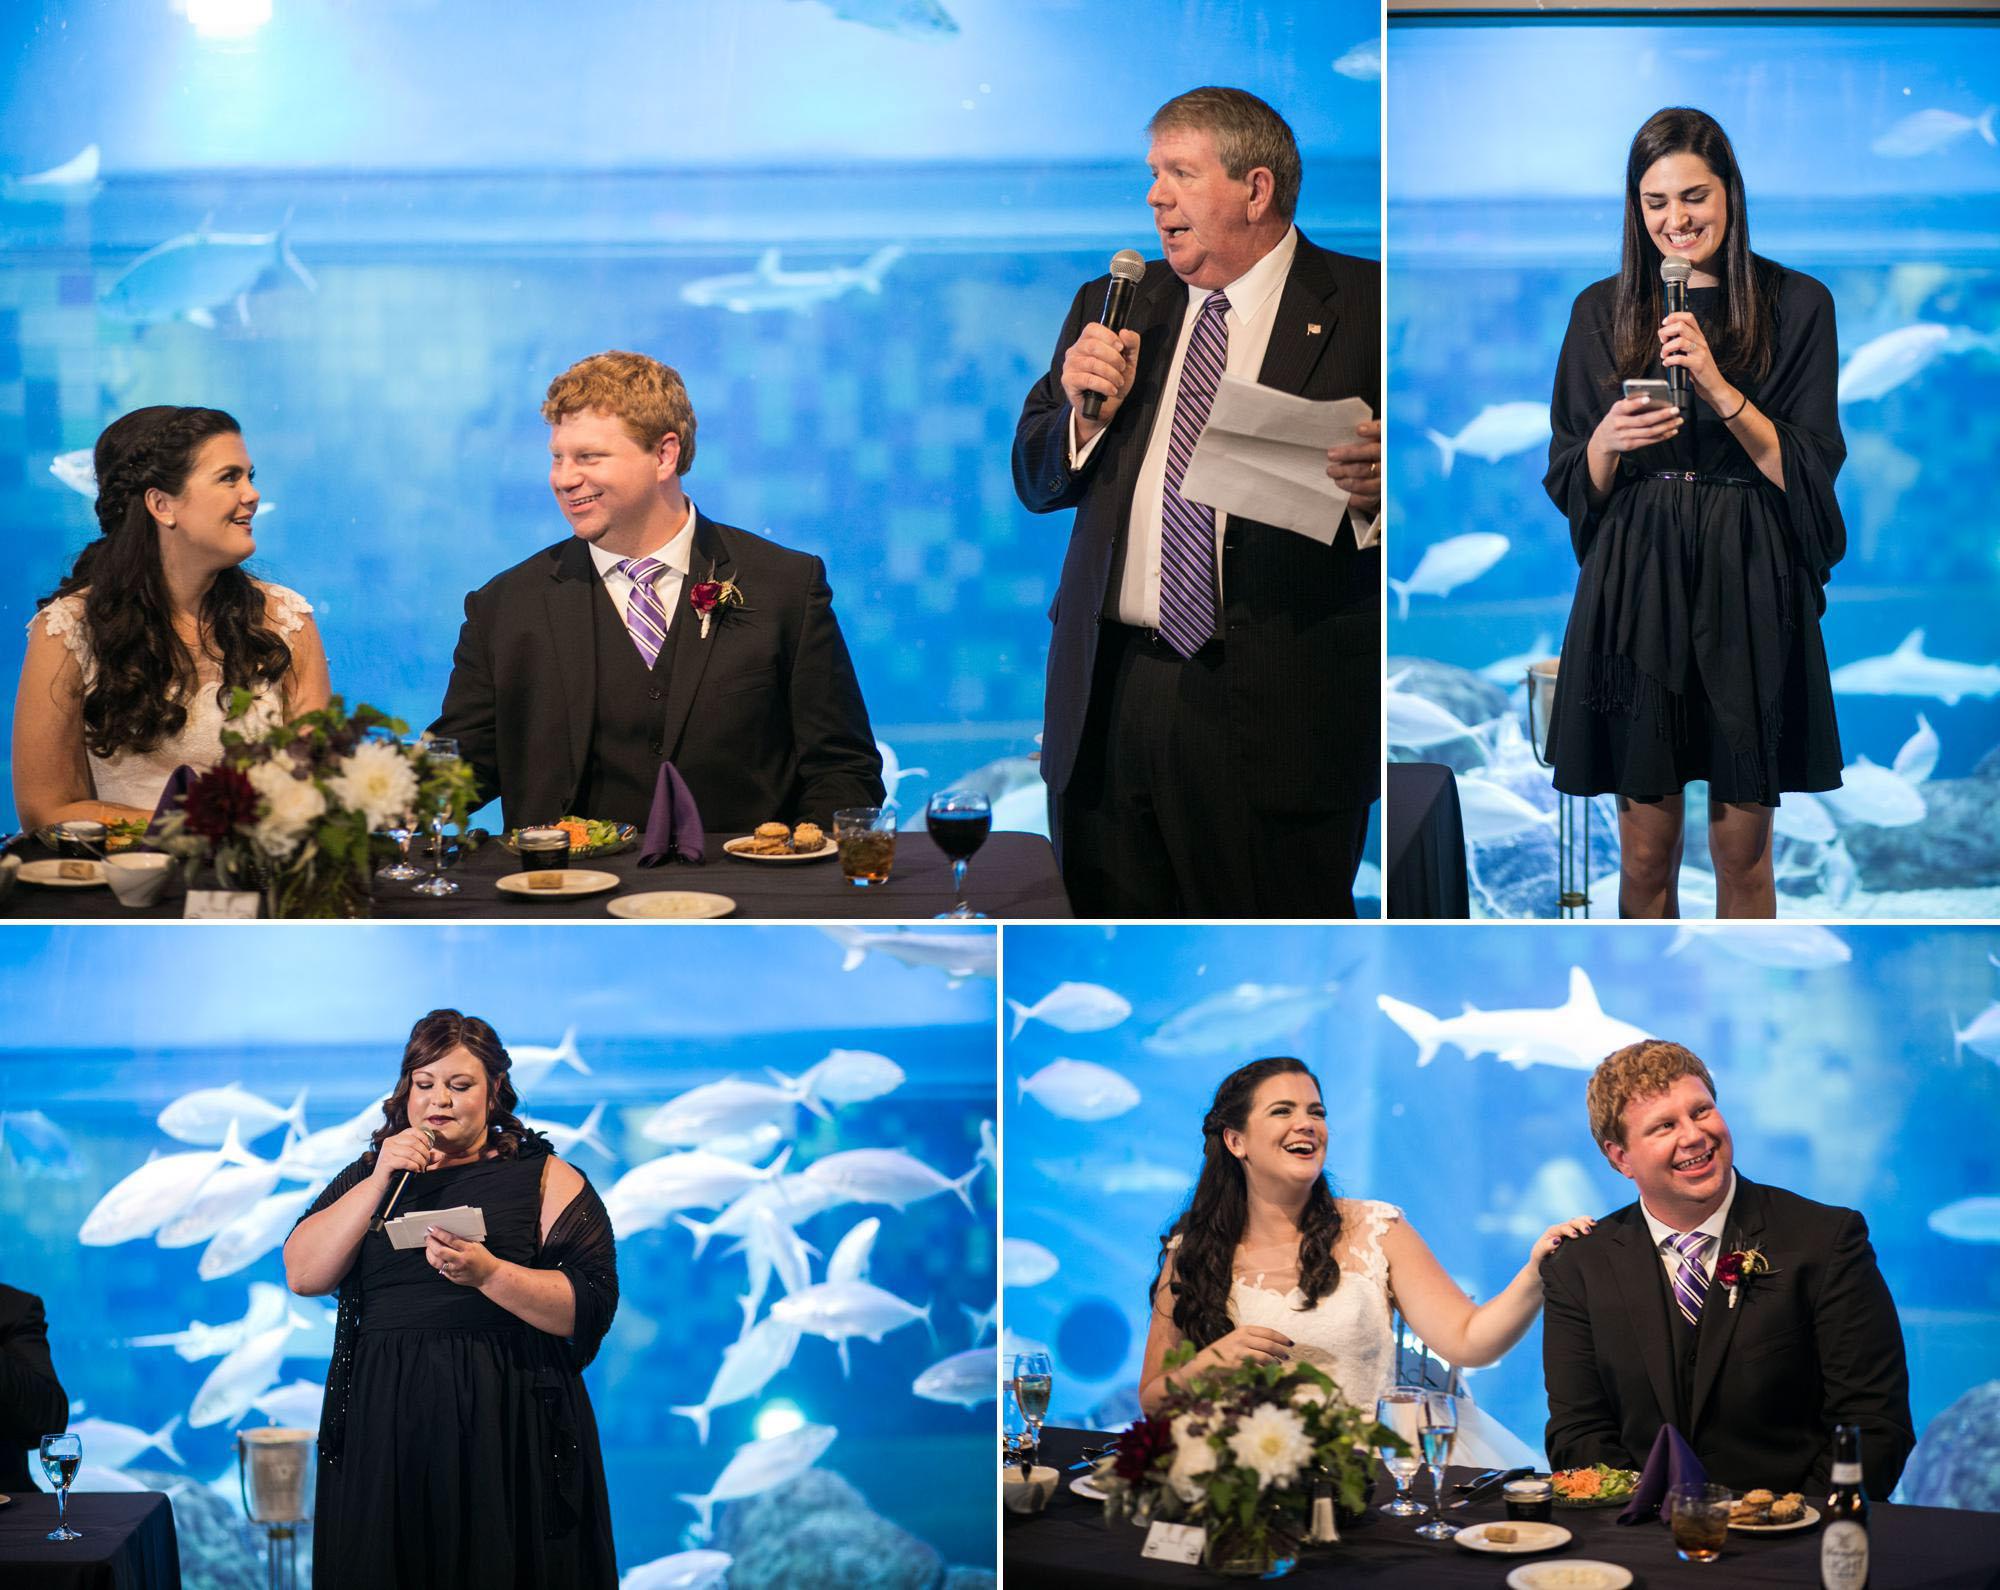 toledo-zoo-wedding-pictures-156.jpg